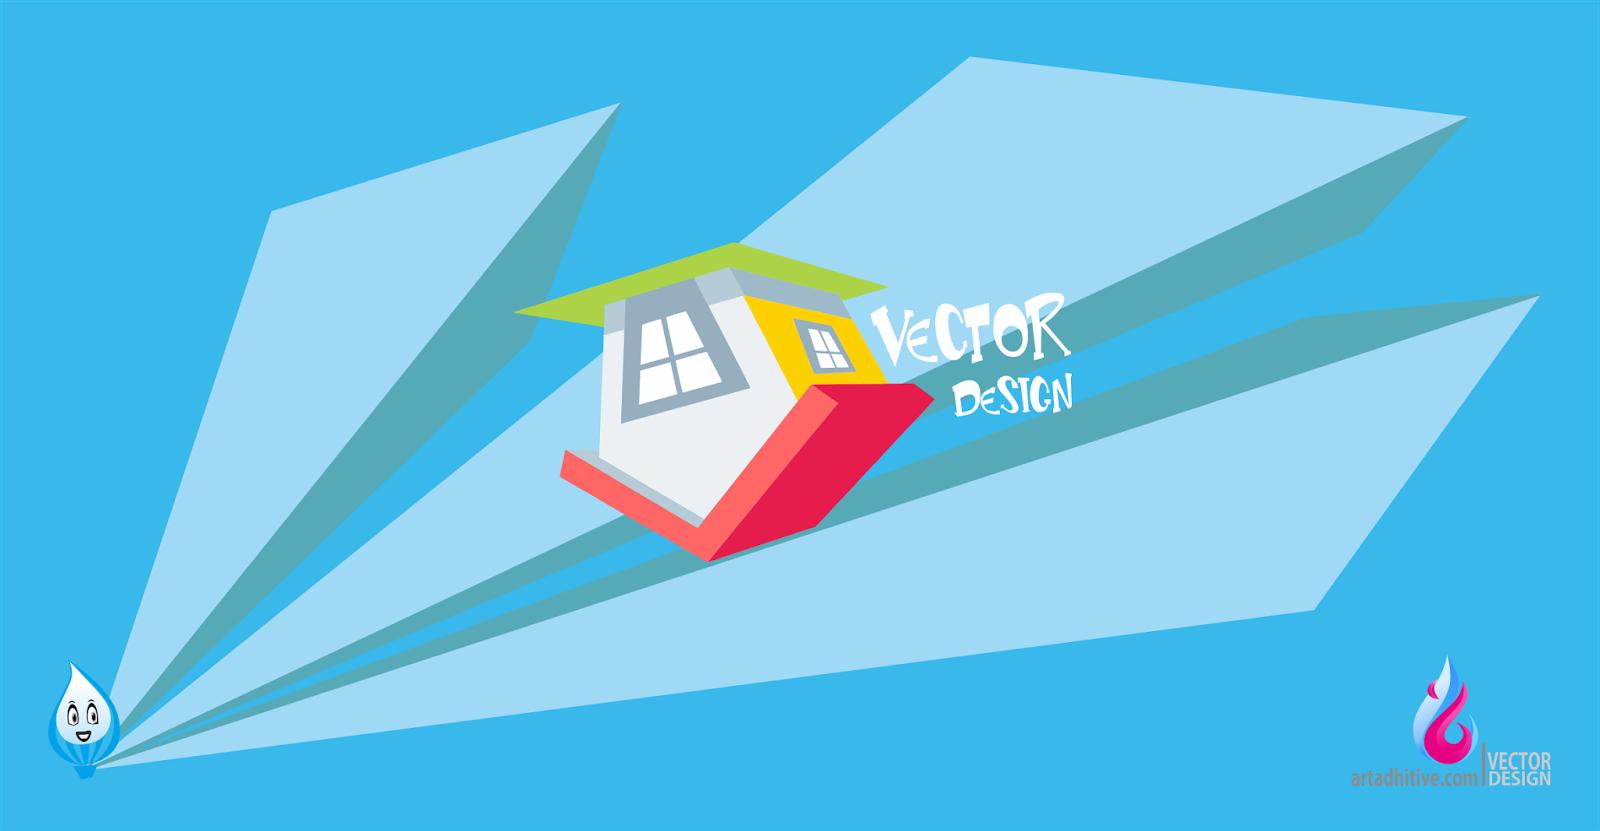 Sekilas tentang Vector Design